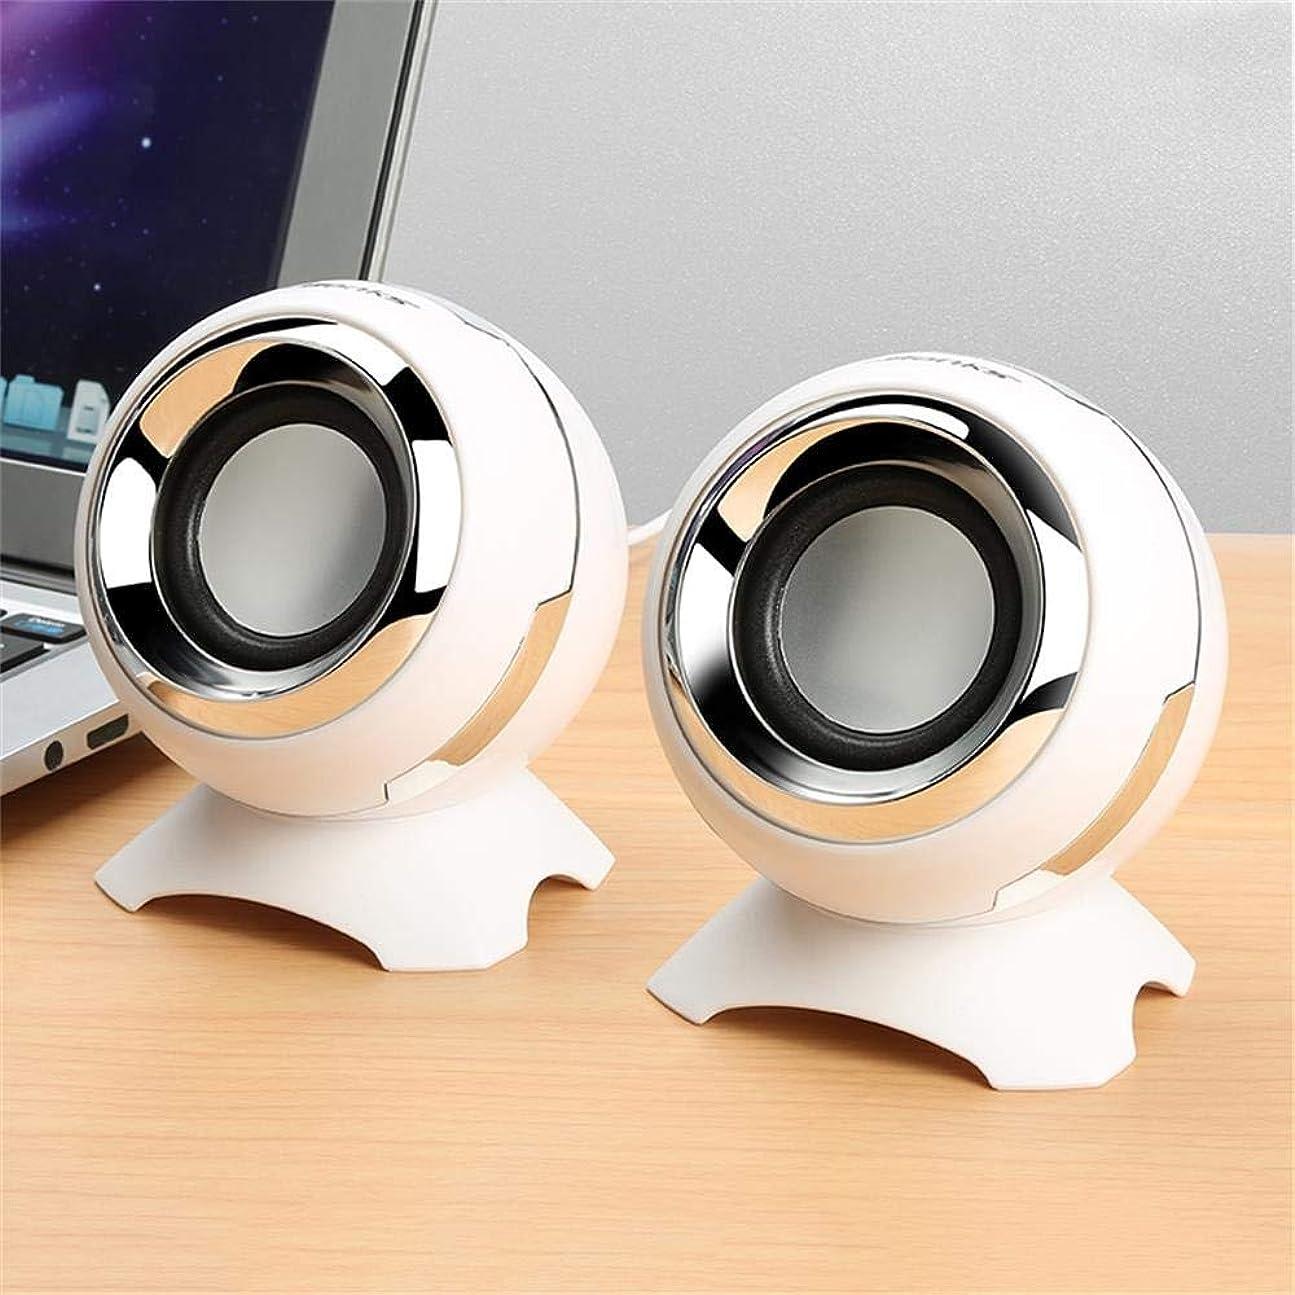 肺モットー負担SUON ミニ ポータブル スピーカー ラウドステレオサウンド スピーカー サブウーファー 360度のサラウンドサウンド スピーカー オプションの4色 (Color : White)